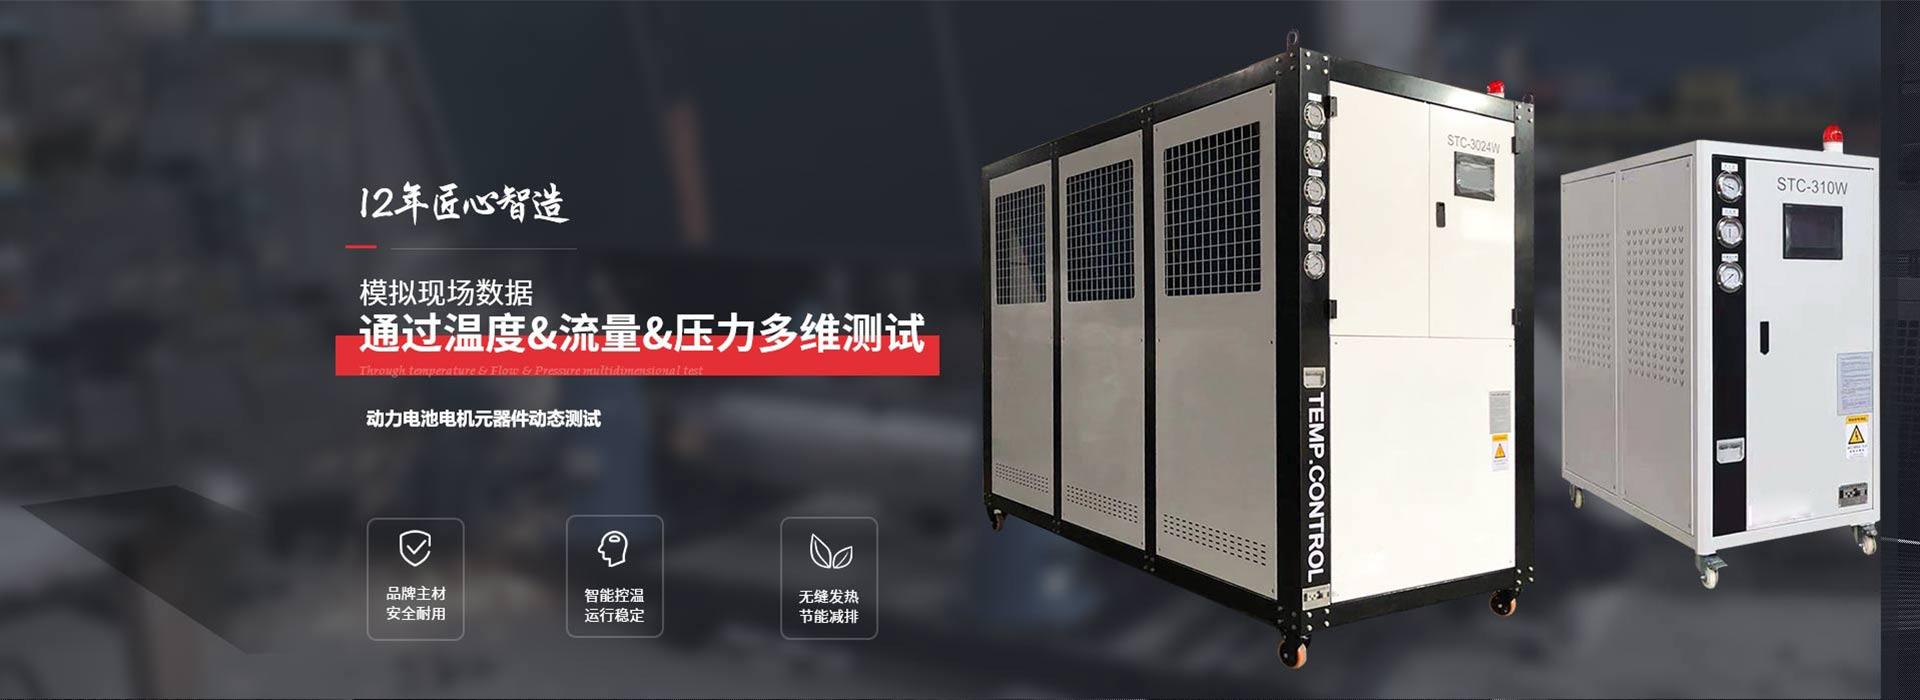 工业冷水机  冷热一体机非标定制  满足各行业客户需求